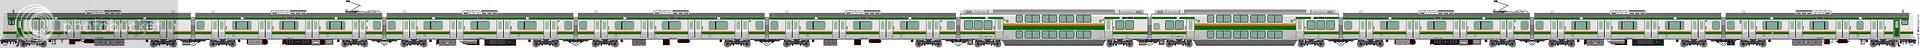 [5556] 東日本旅客鉄道 1956